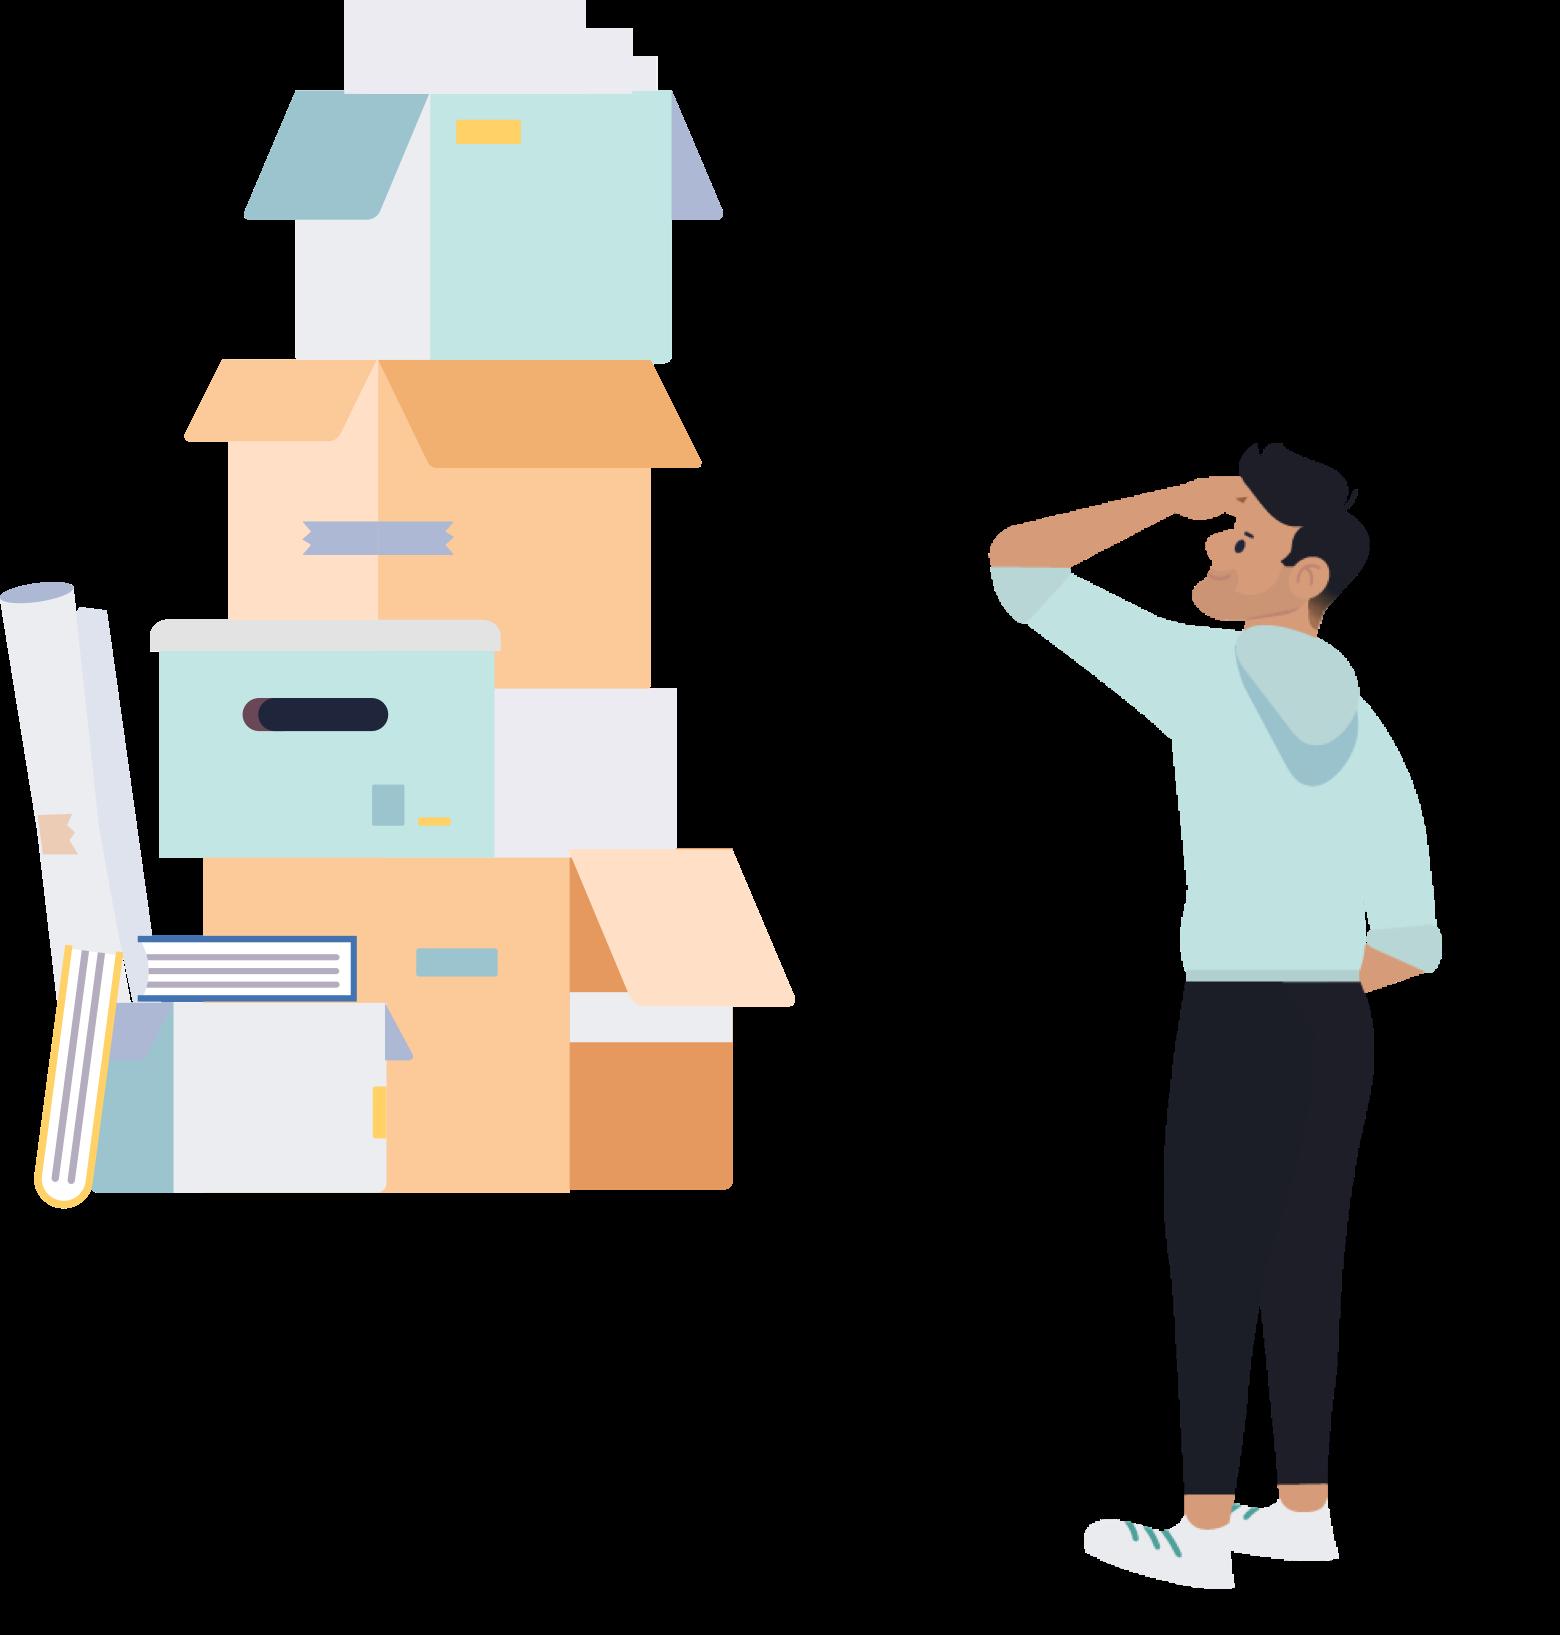 Confier l'archivage de documents à un professionnel